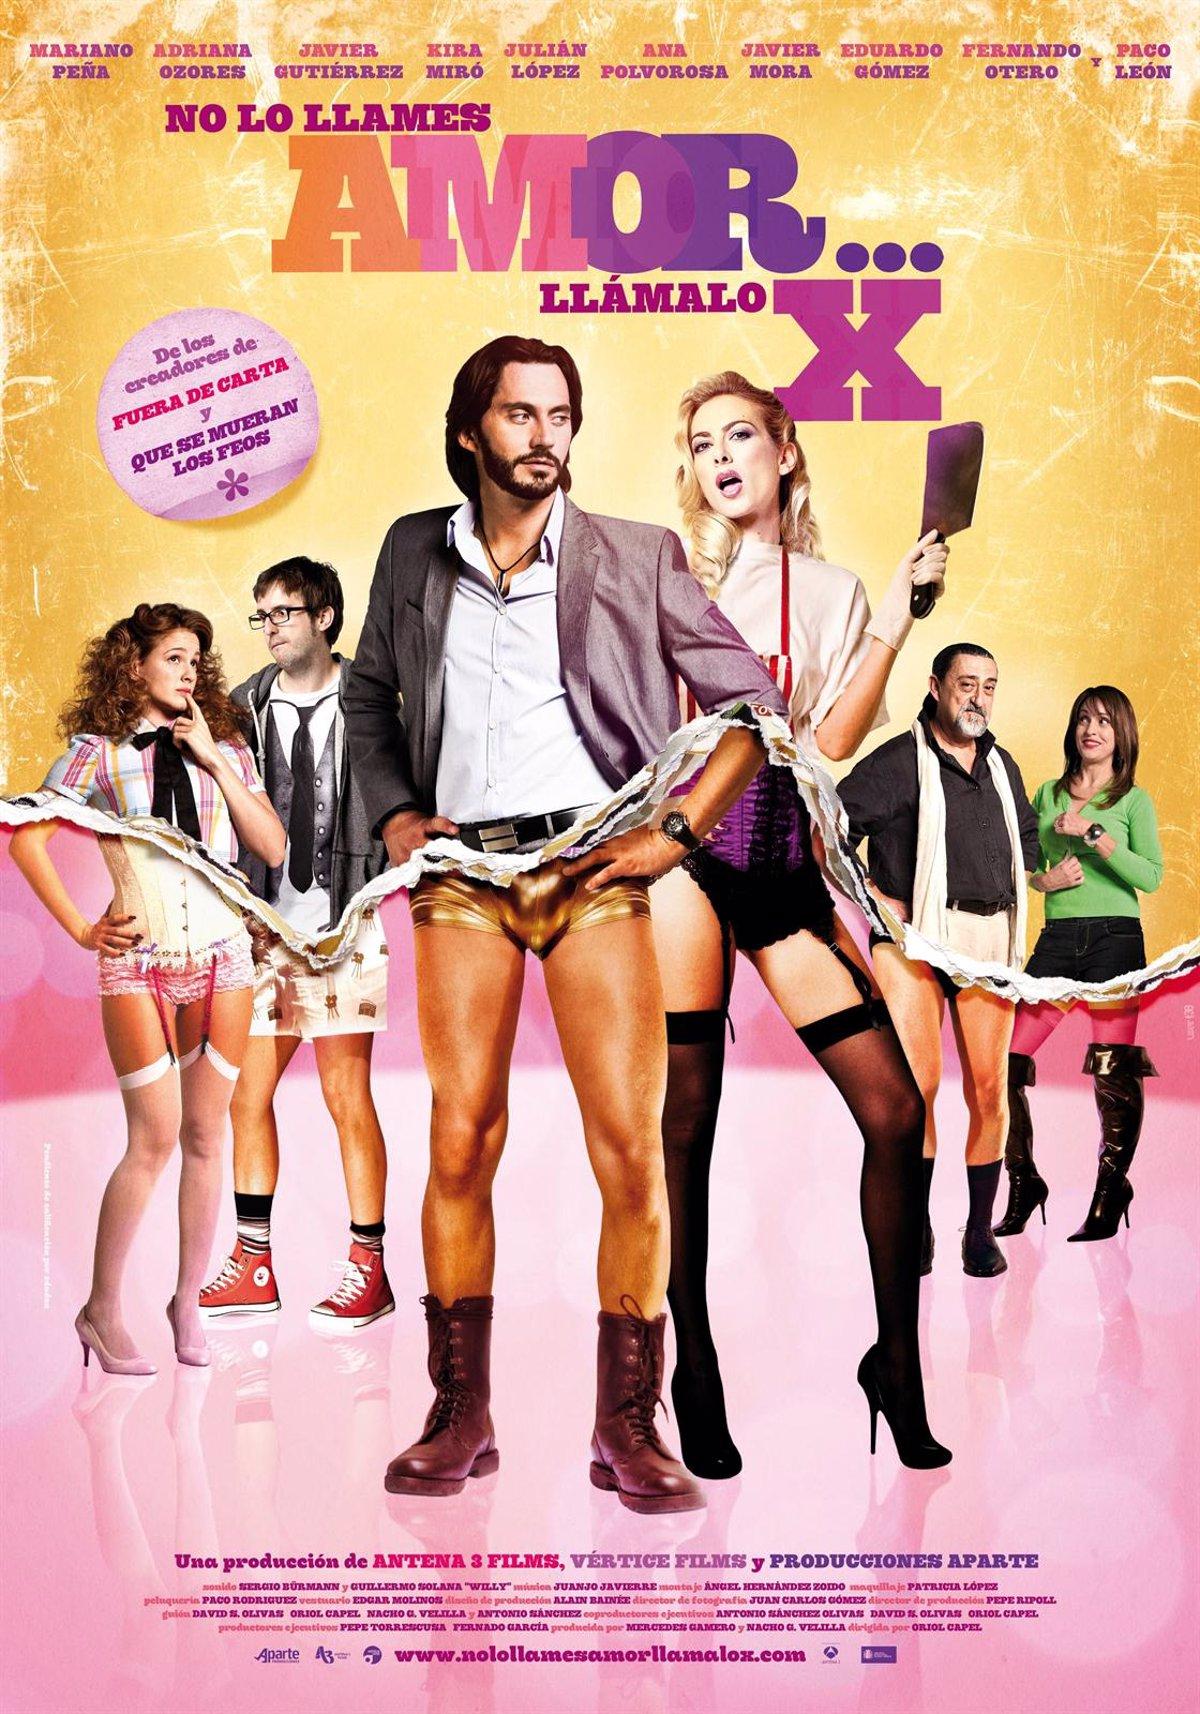 Pelicula Porno La Española llega a los cines 'no lo llames amor llámalo x', una